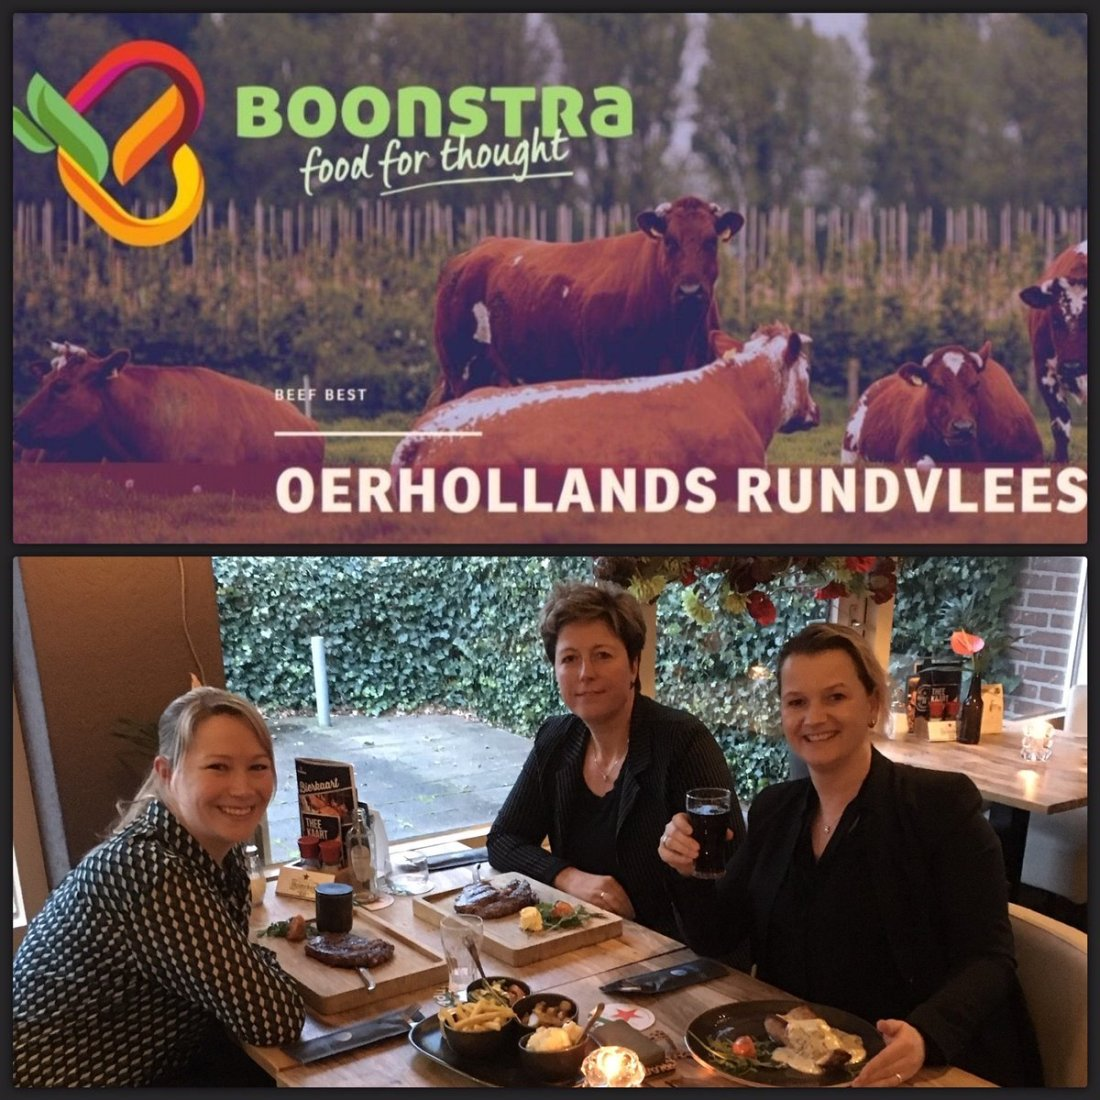 Afgelopen dinsdag zijn Anita, Margreet en Carina samen met een nieuwe relatie op bezoek geweest bij van den Berg VleesExperts om de mogelijkheden en diversiteit te ervaren en kennis te delen. Een bijzonder familiebedrijf, met gedreven personeel en een constante kwaliteit.